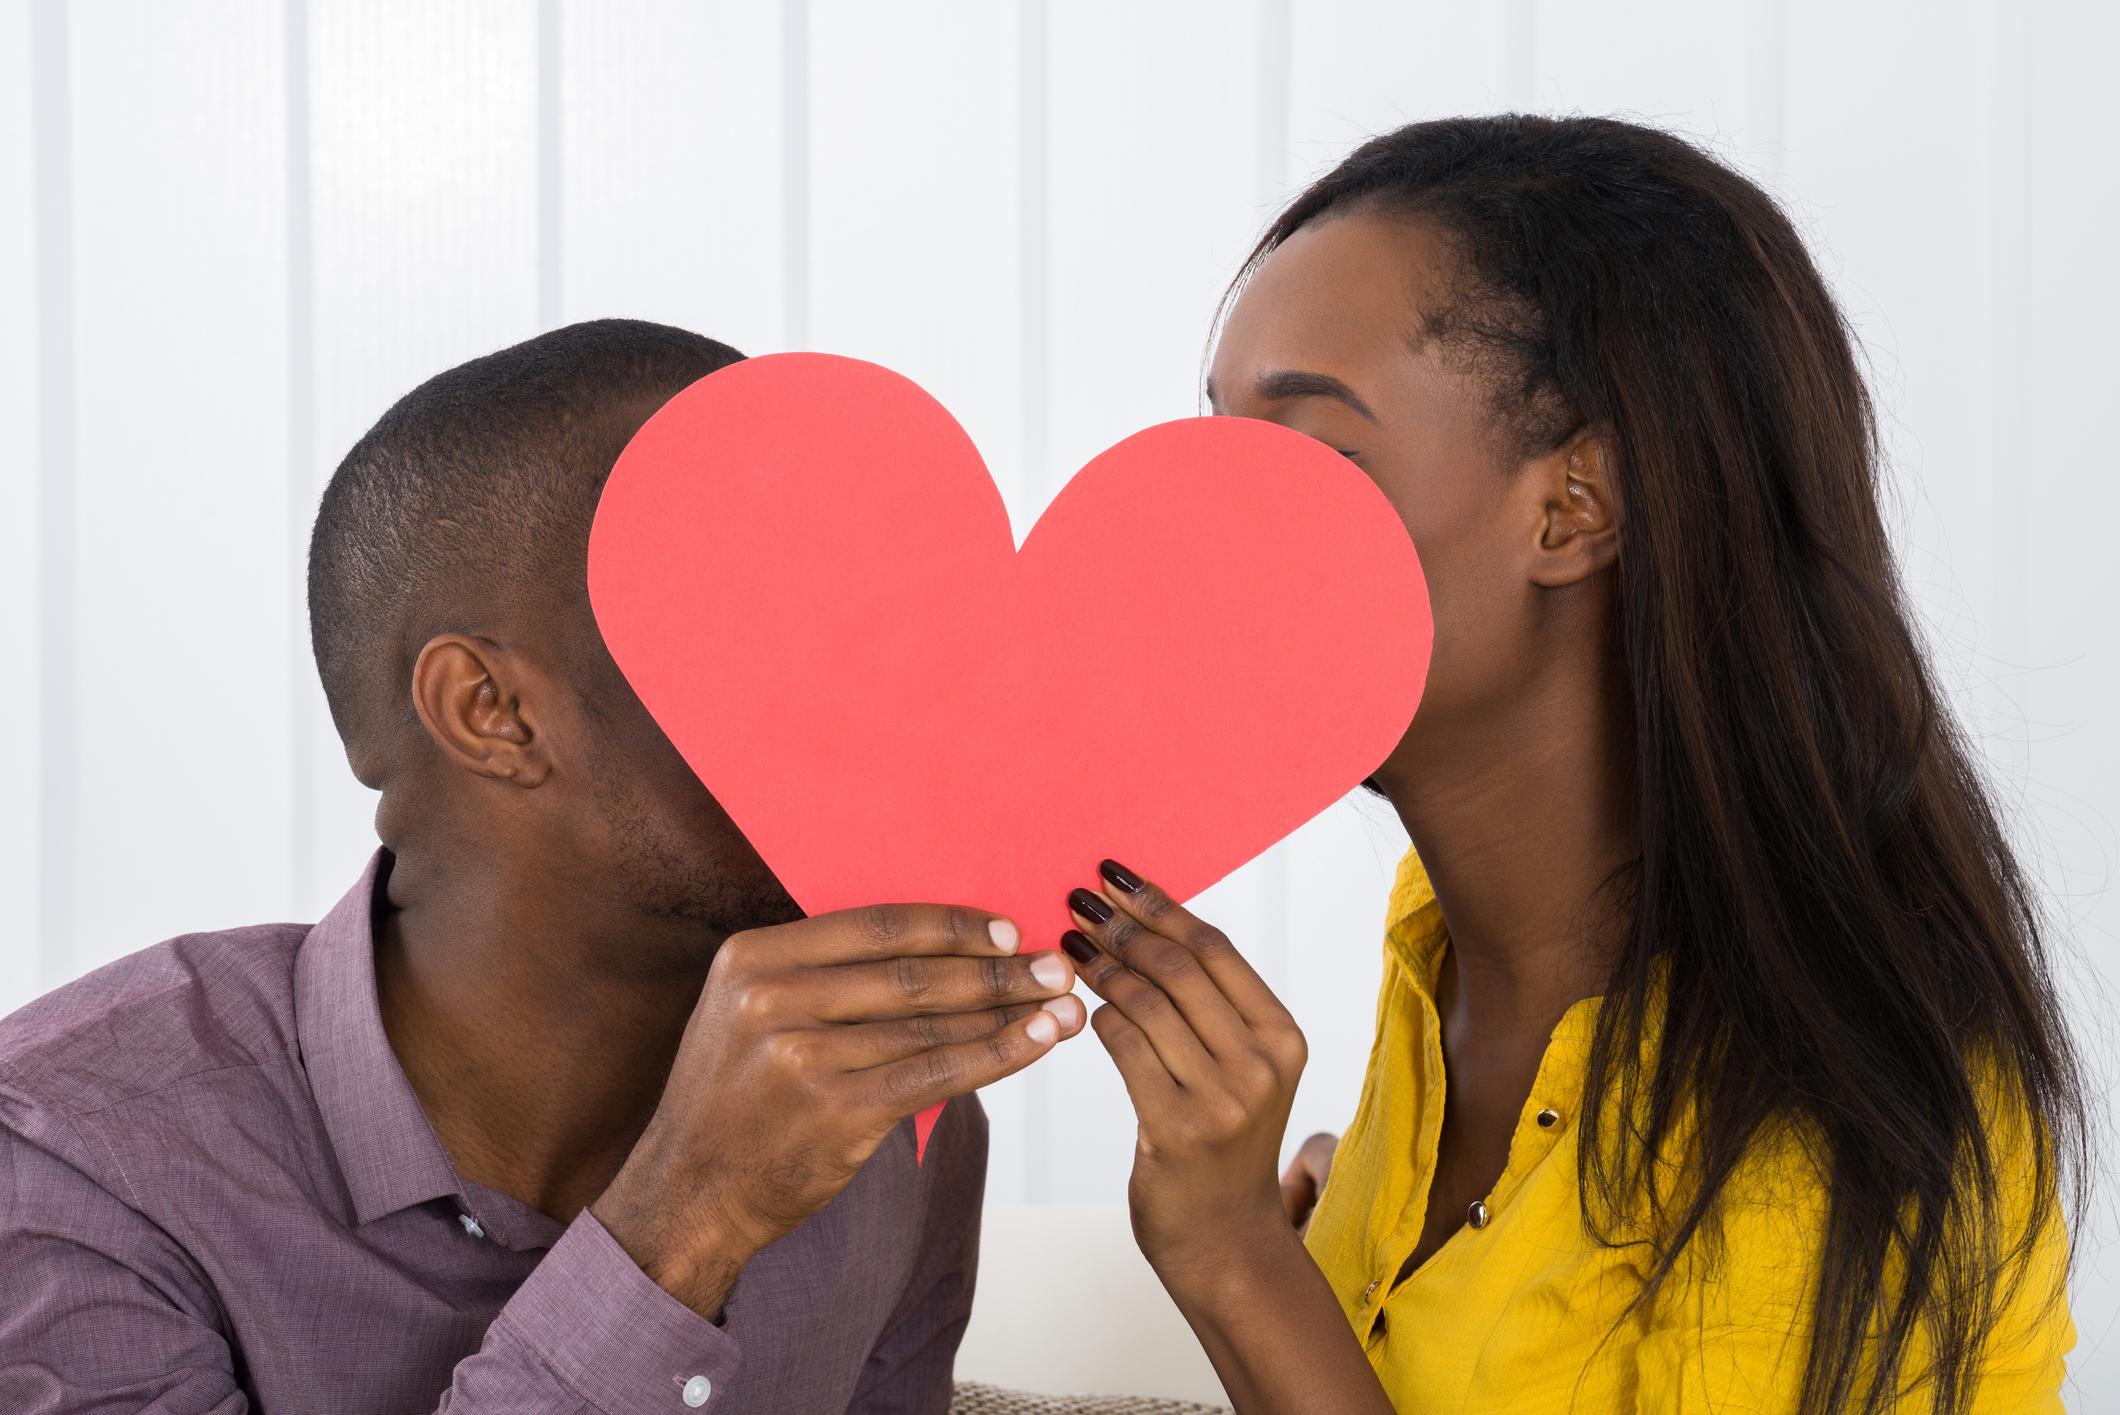 Com quem eu devo namorar?4 min read